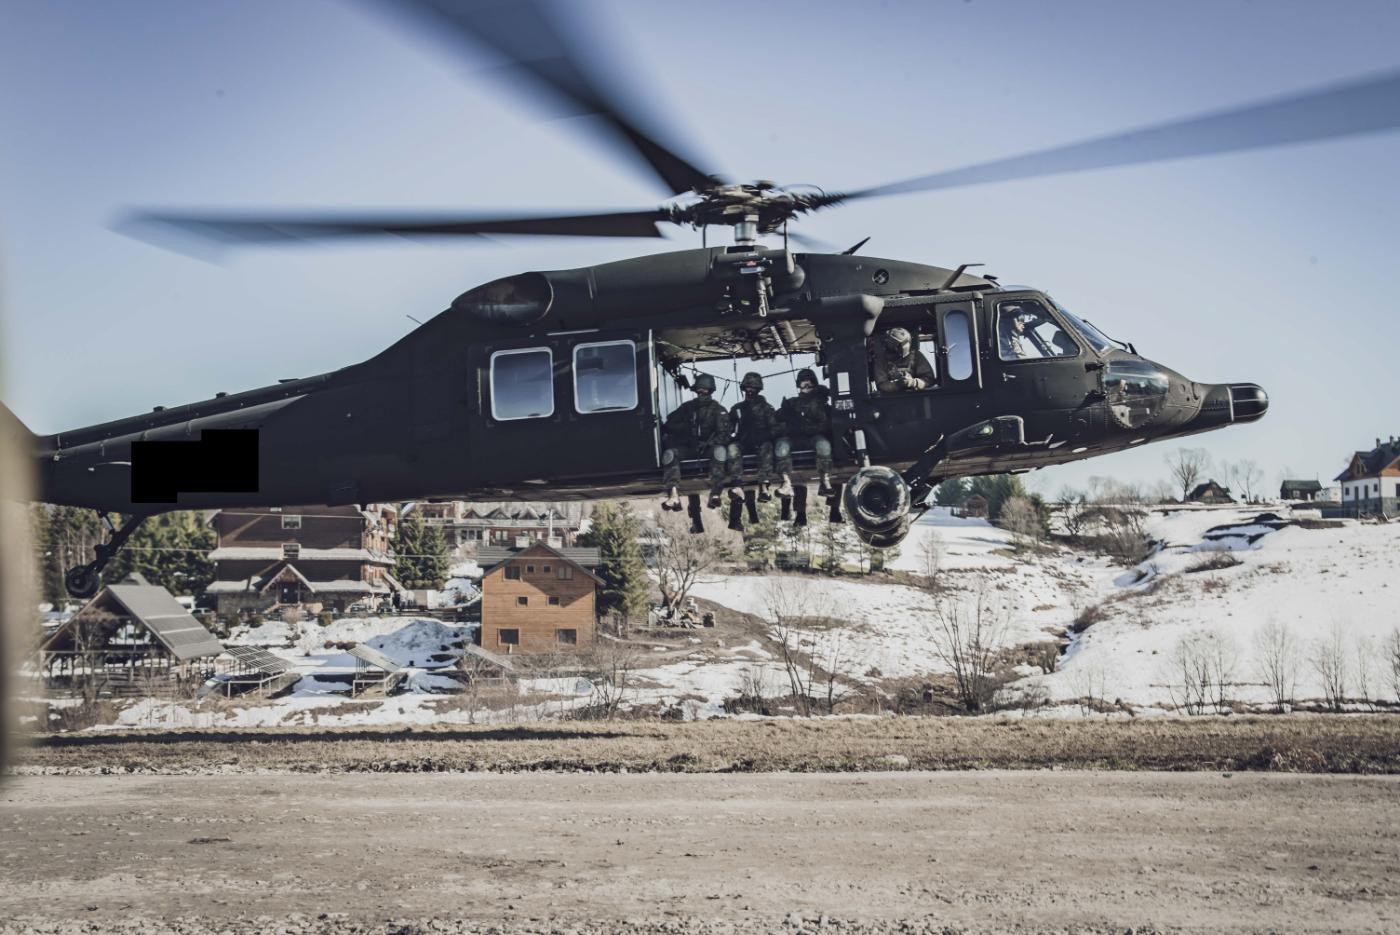 Śmigłowiec Black Hawk na bieszczadzkim niebie. Co tam się wydarzyło? [ZDJĘCIA] - Zdjęcie główne